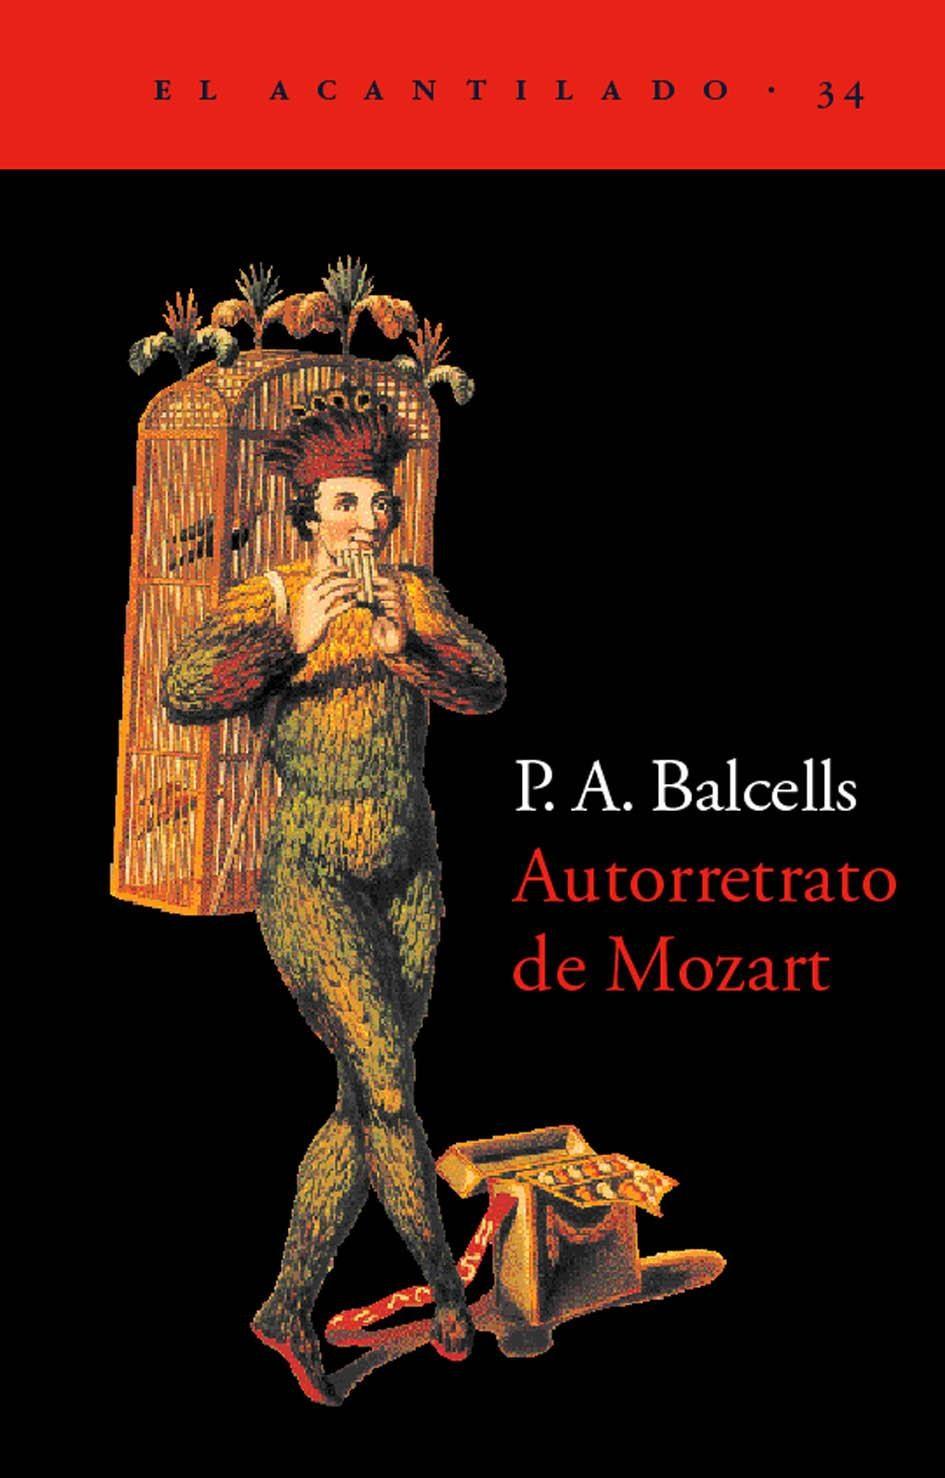 autorretrato de mozart-p.a. balcells-9788495359261